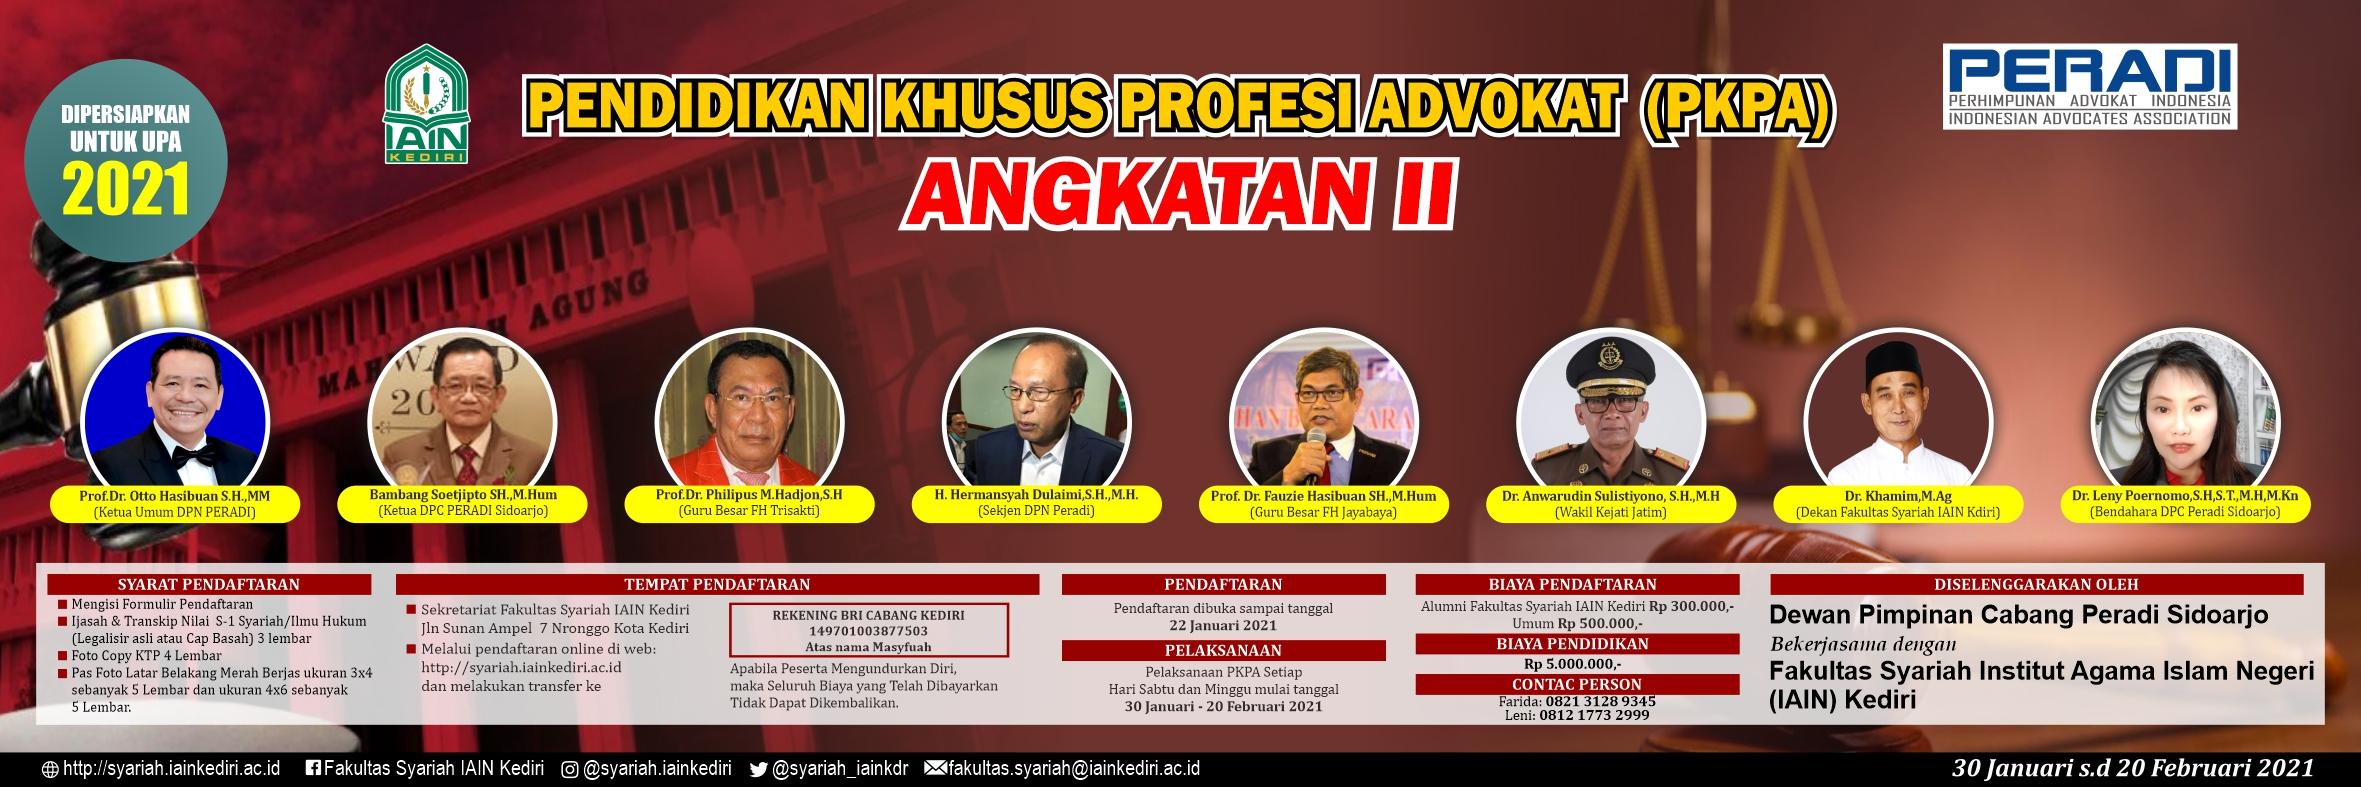 PKPA II 2021